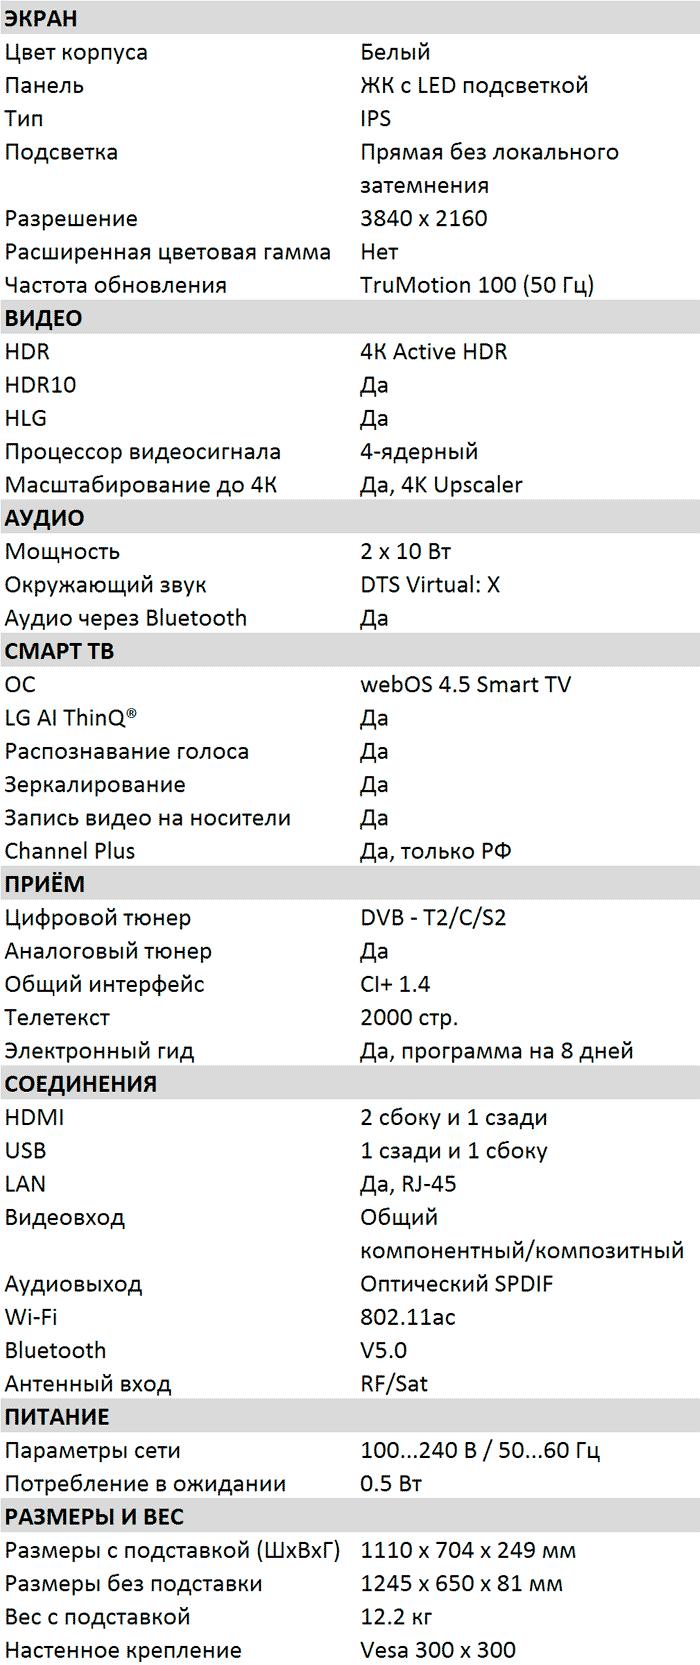 Характеристики UM7490